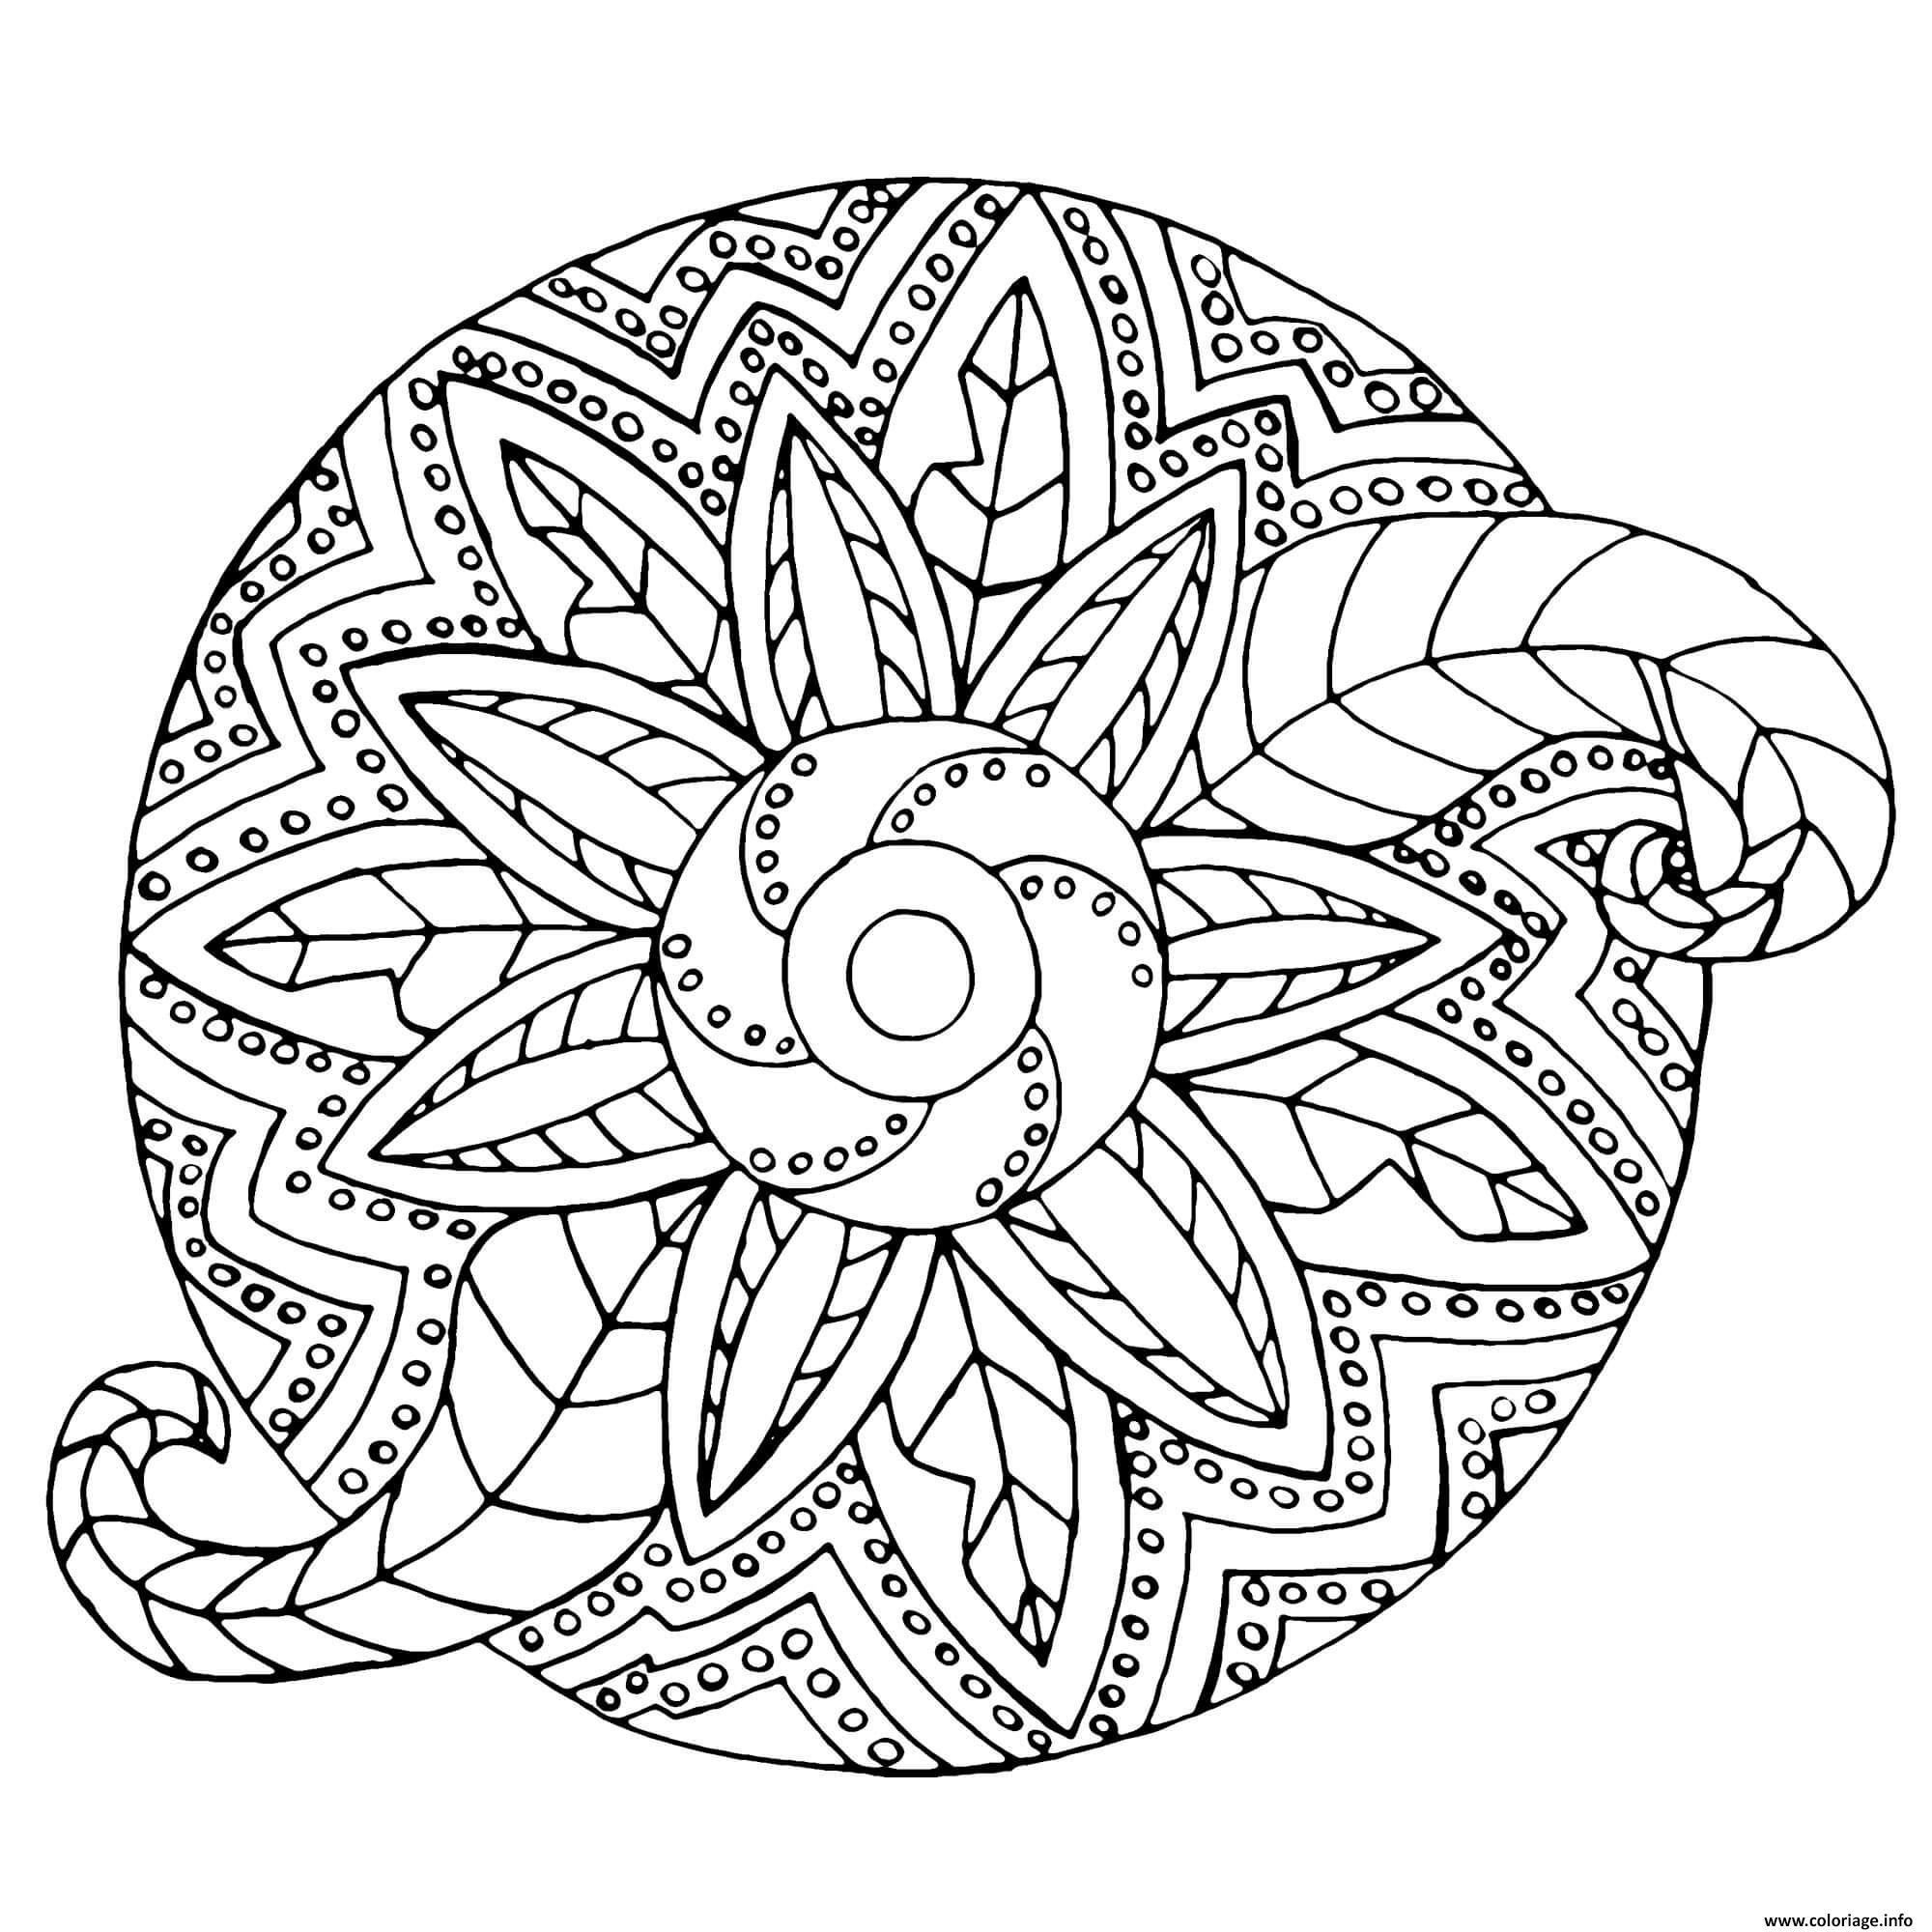 Dessin mandala adulte fleur vegetal Coloriage Gratuit à Imprimer